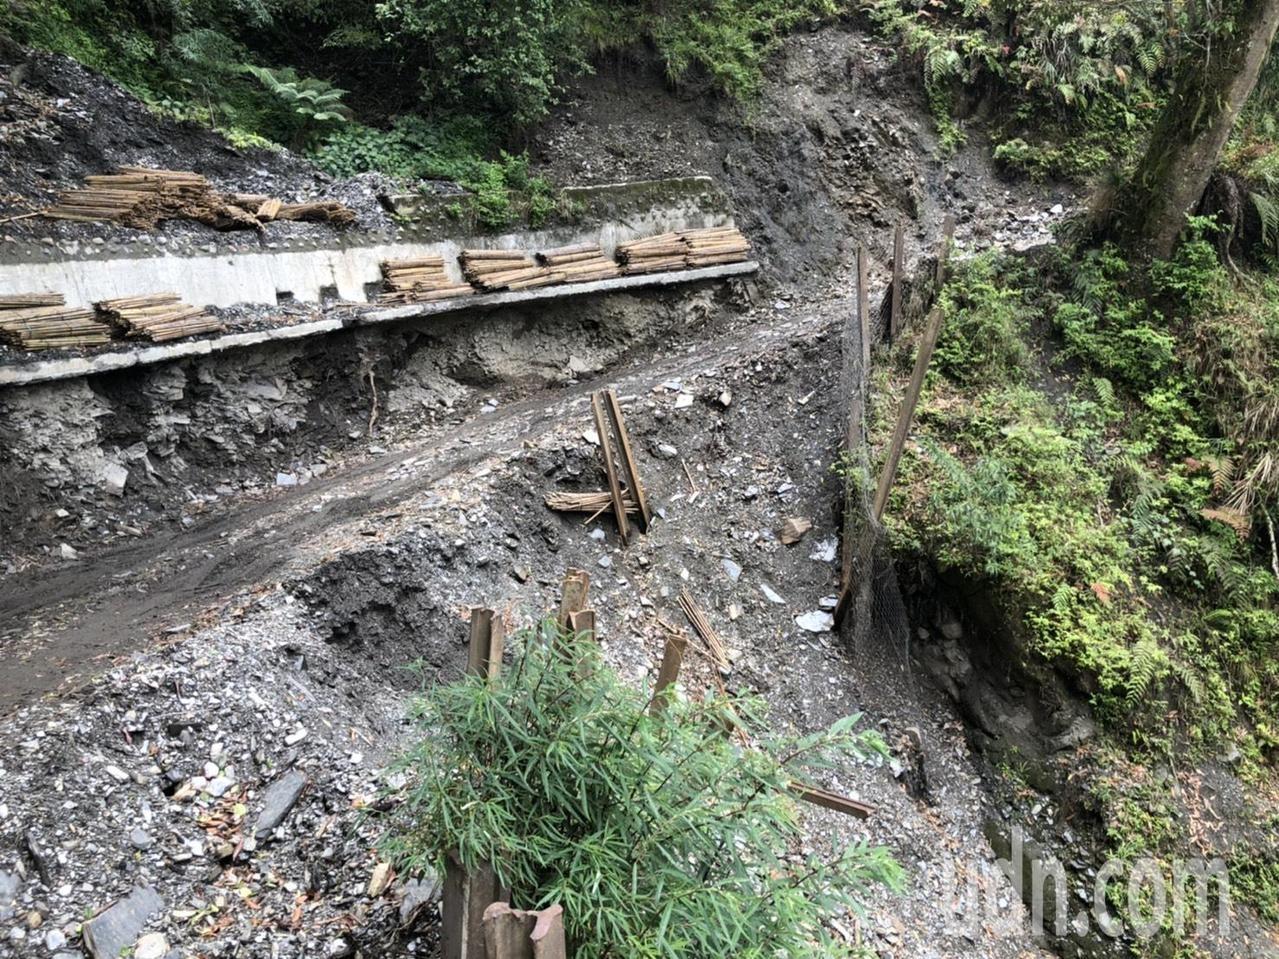 丹大林道沿途路基流失、山壁崩塌,布農族人得冒險才能回到祖居地淨山。記者江良誠/攝影